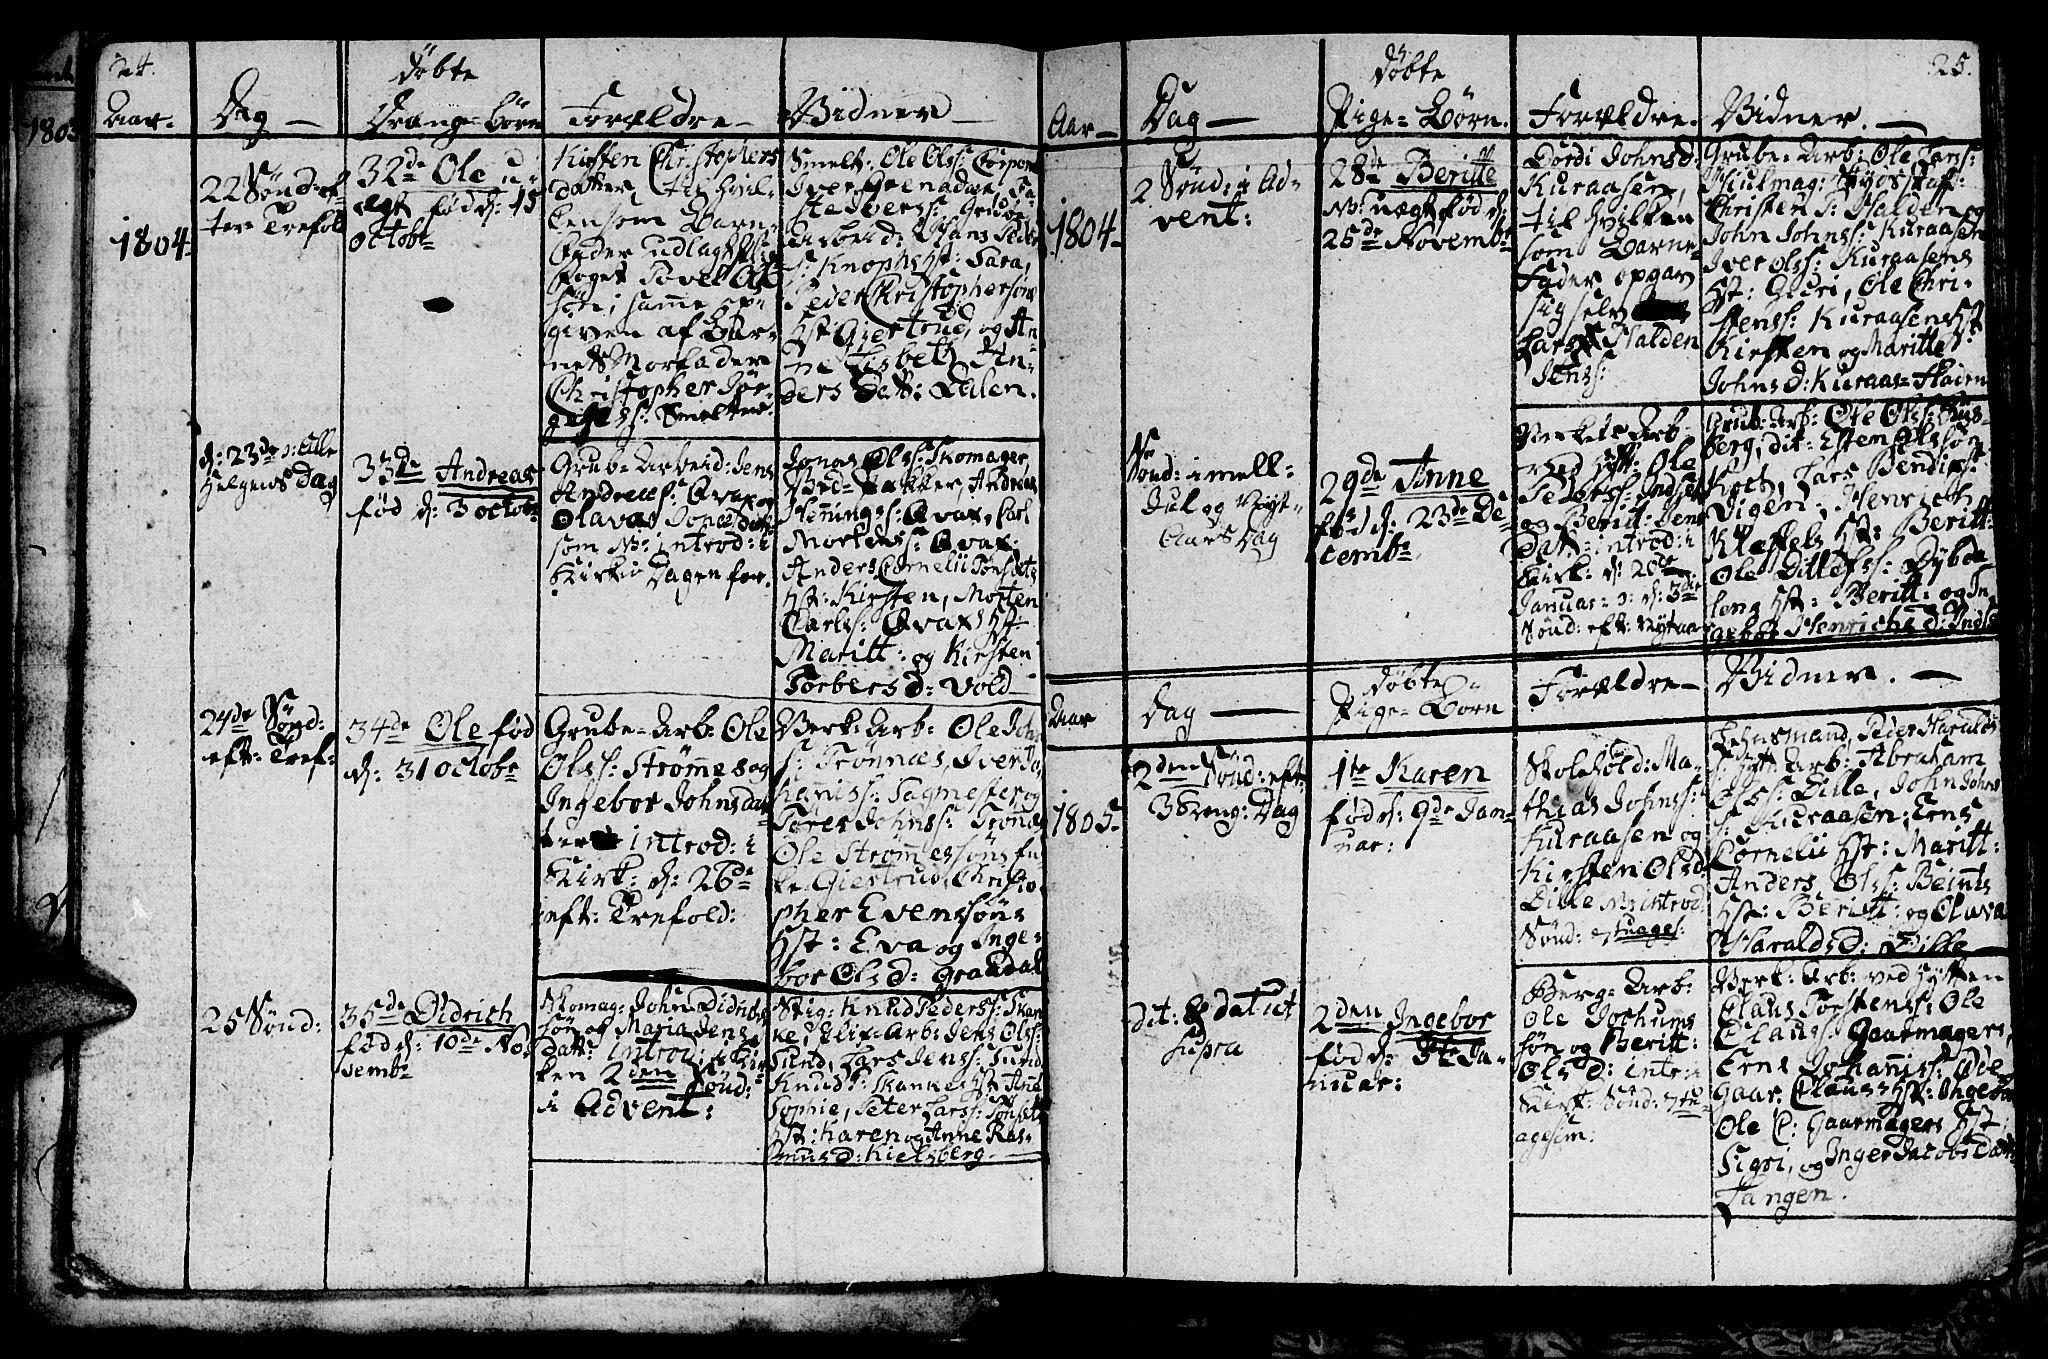 SAT, Ministerialprotokoller, klokkerbøker og fødselsregistre - Sør-Trøndelag, 681/L0937: Klokkerbok nr. 681C01, 1798-1810, s. 24-25